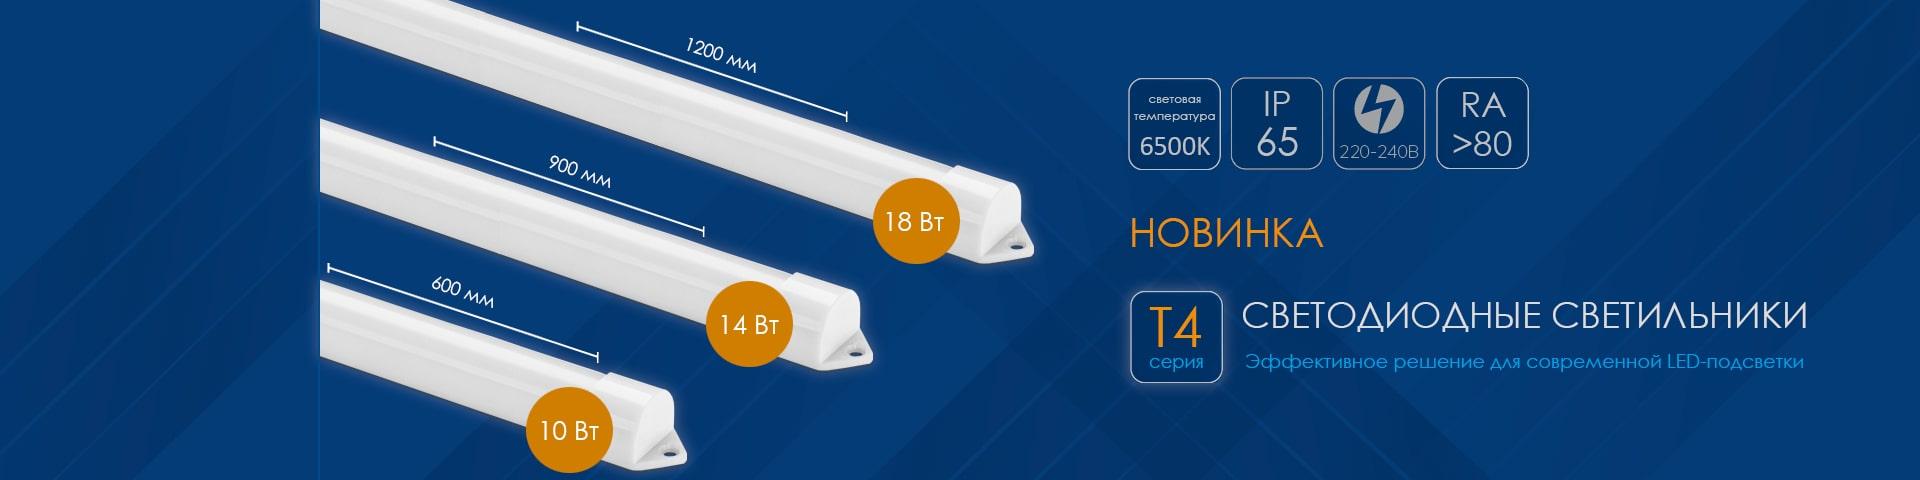 Светодиодные светильники т4